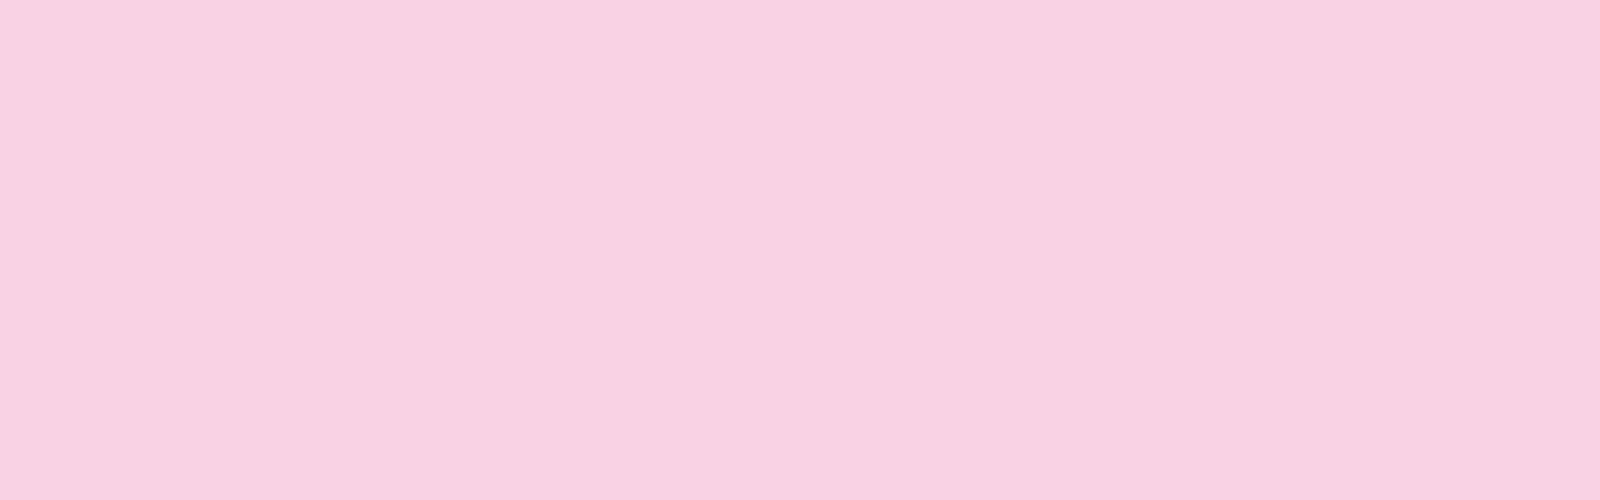 Bröst Cancer dating